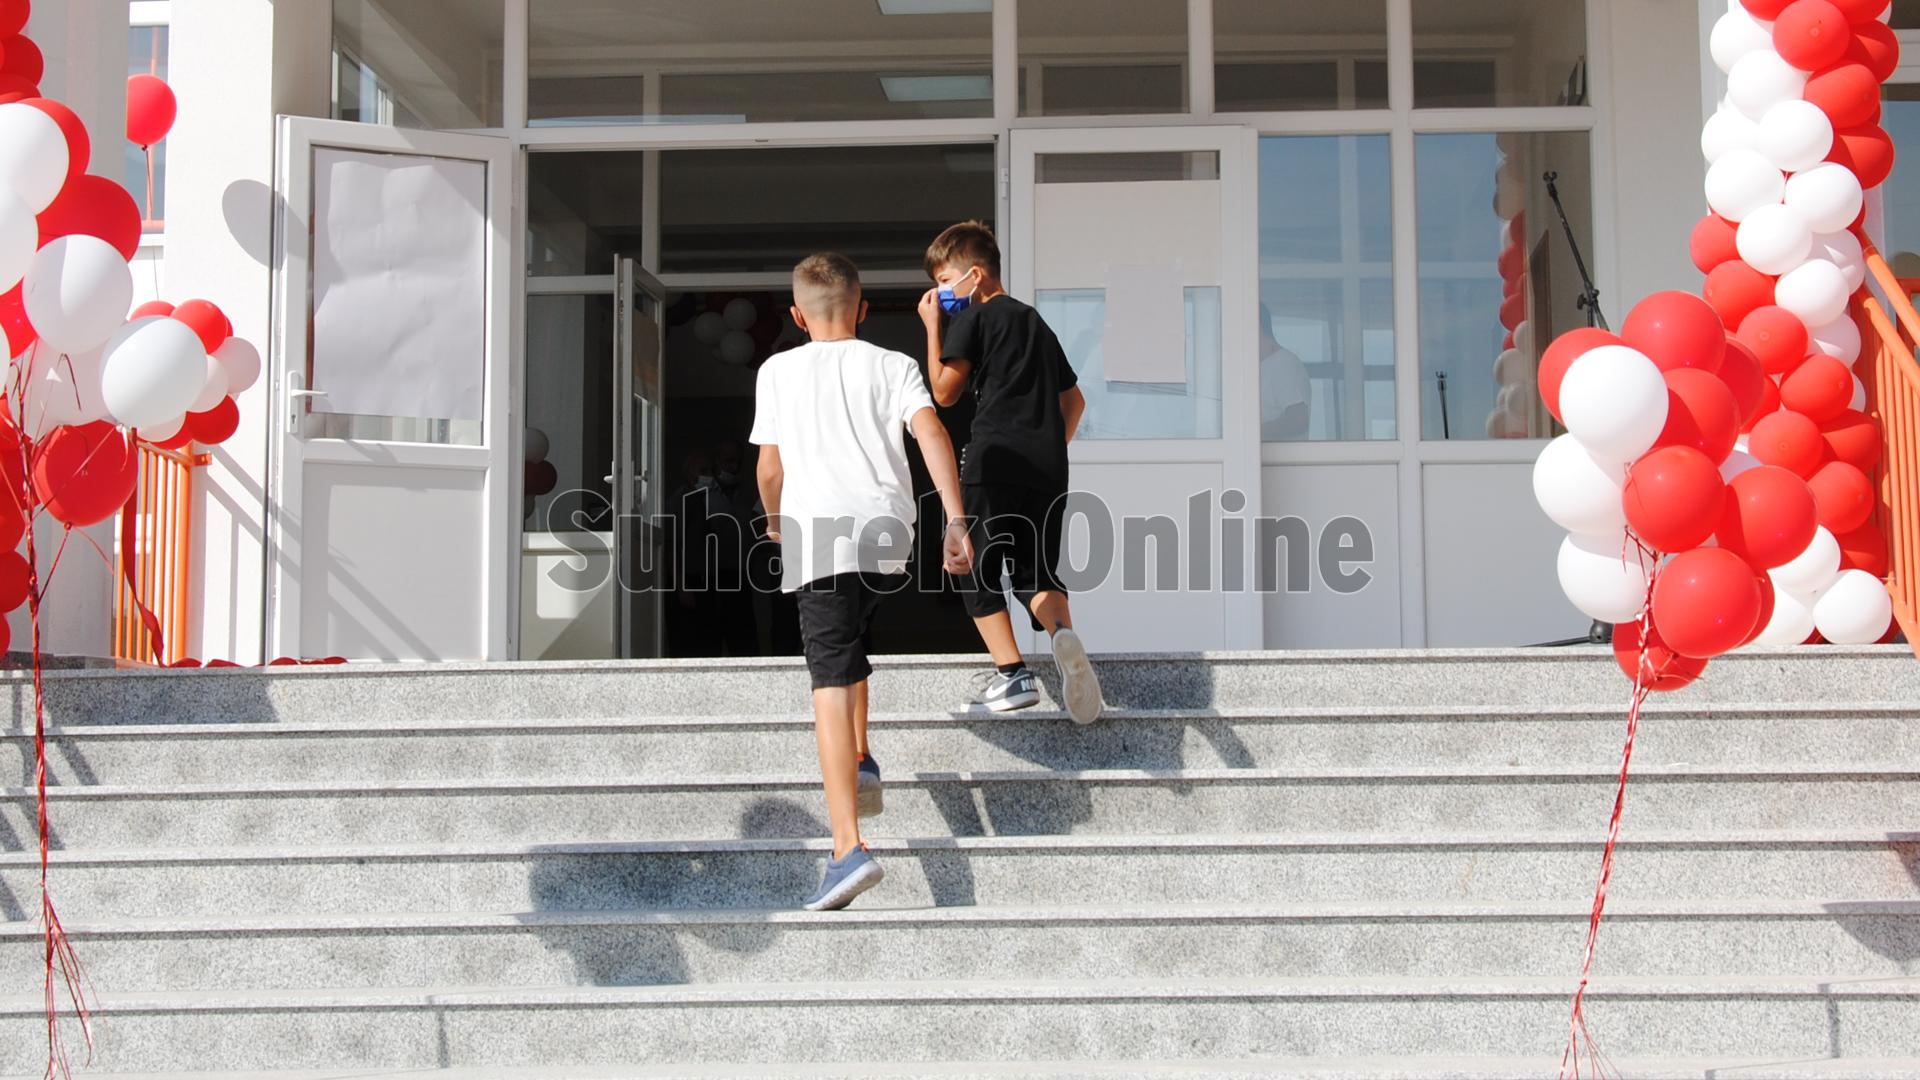 MAShTI: Të hënën në pushim të gjitha shkollat e Kosovës